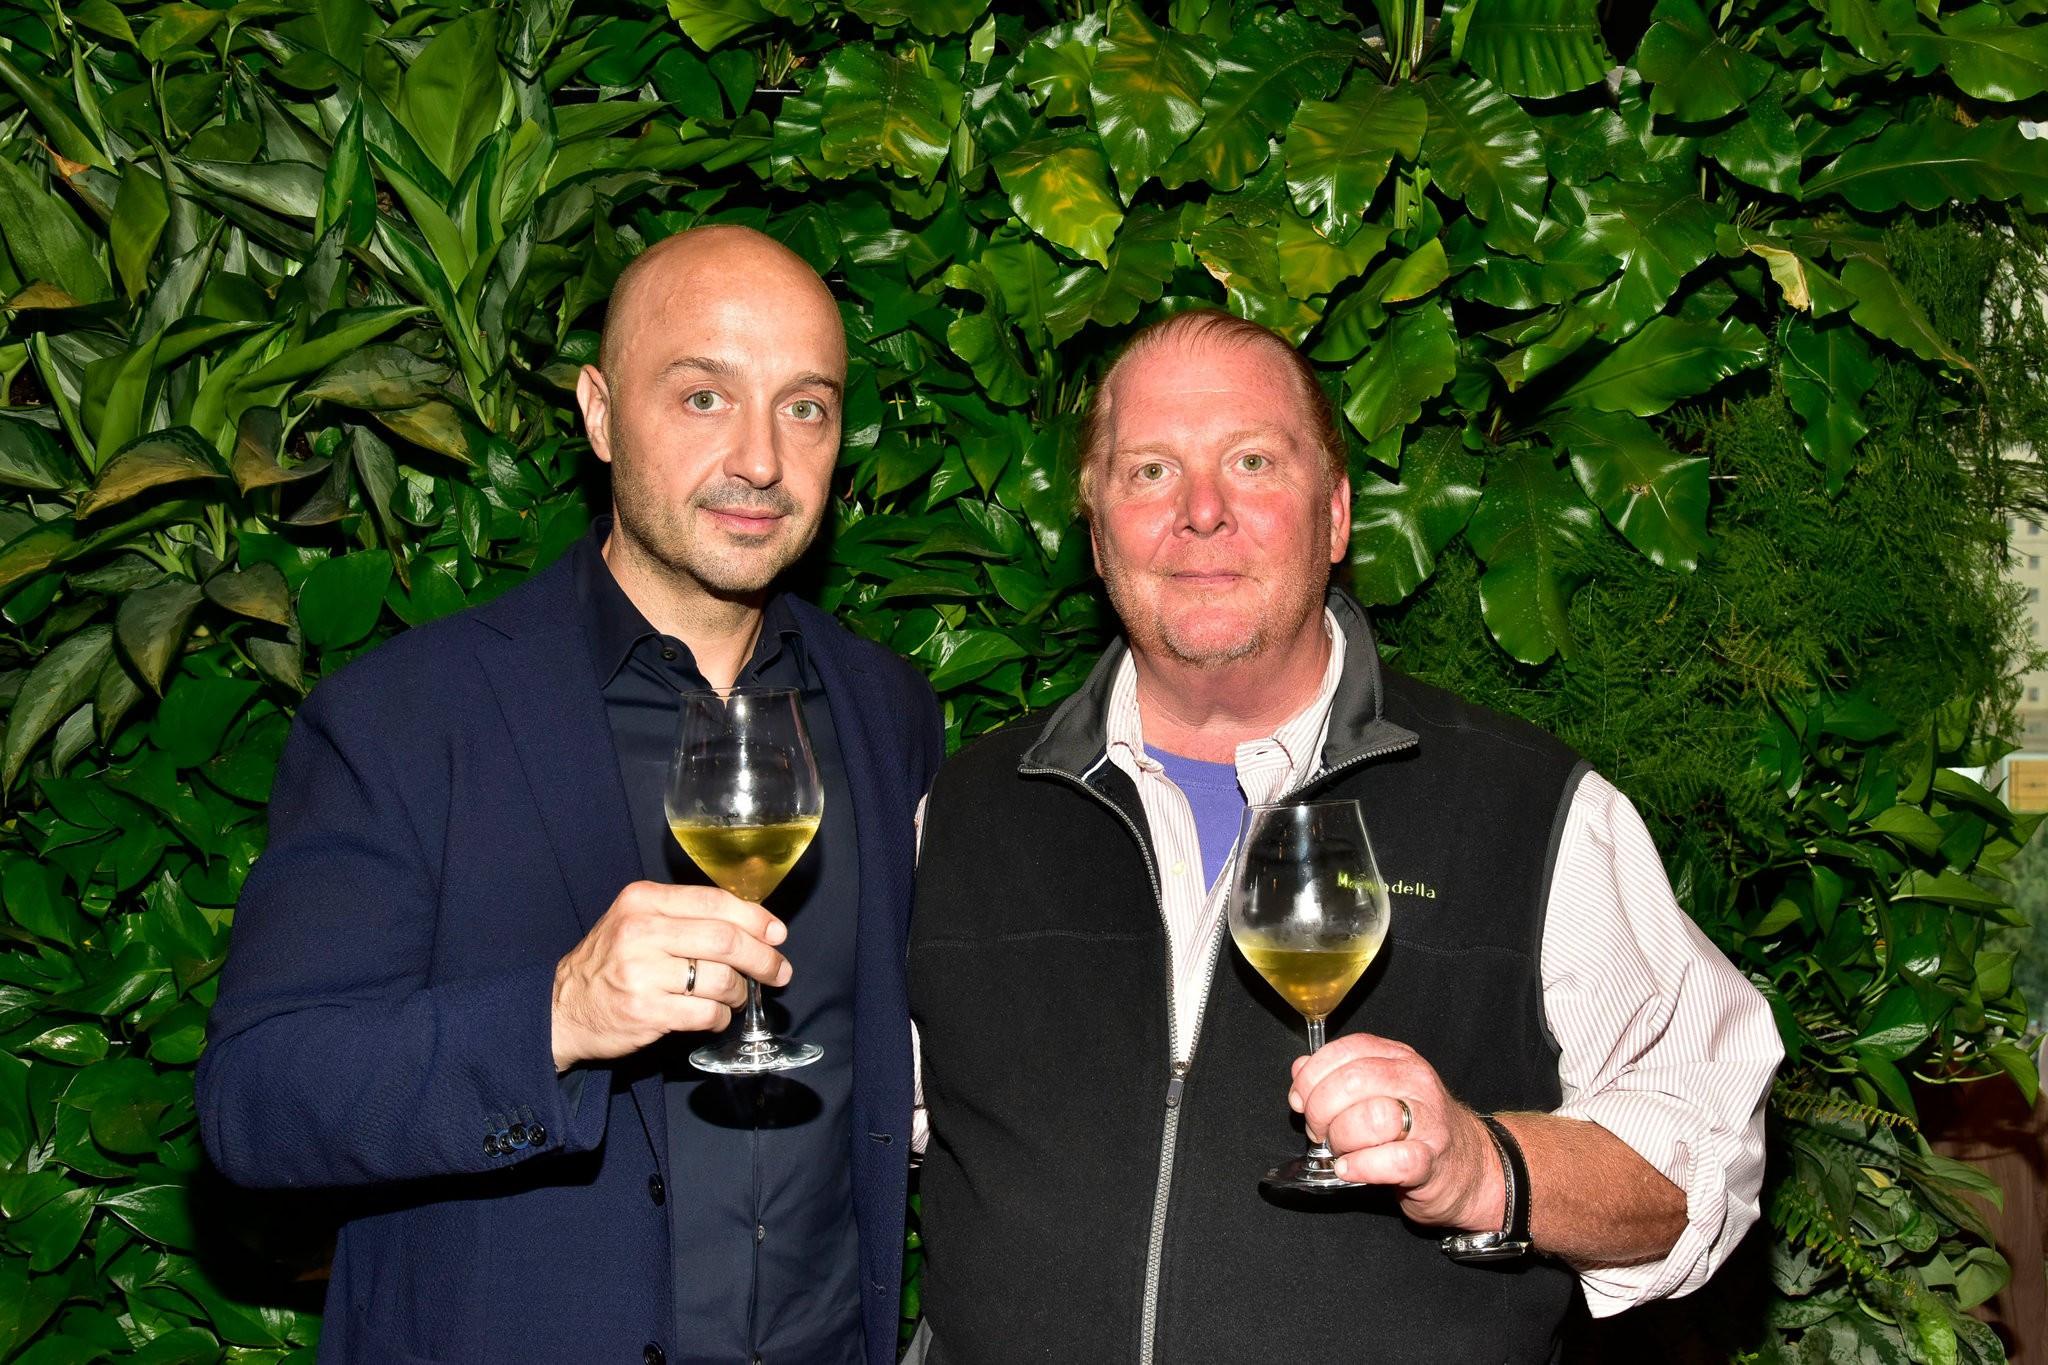 Chef Mario Batali entrega restaurantes após acusações de abuso sexual